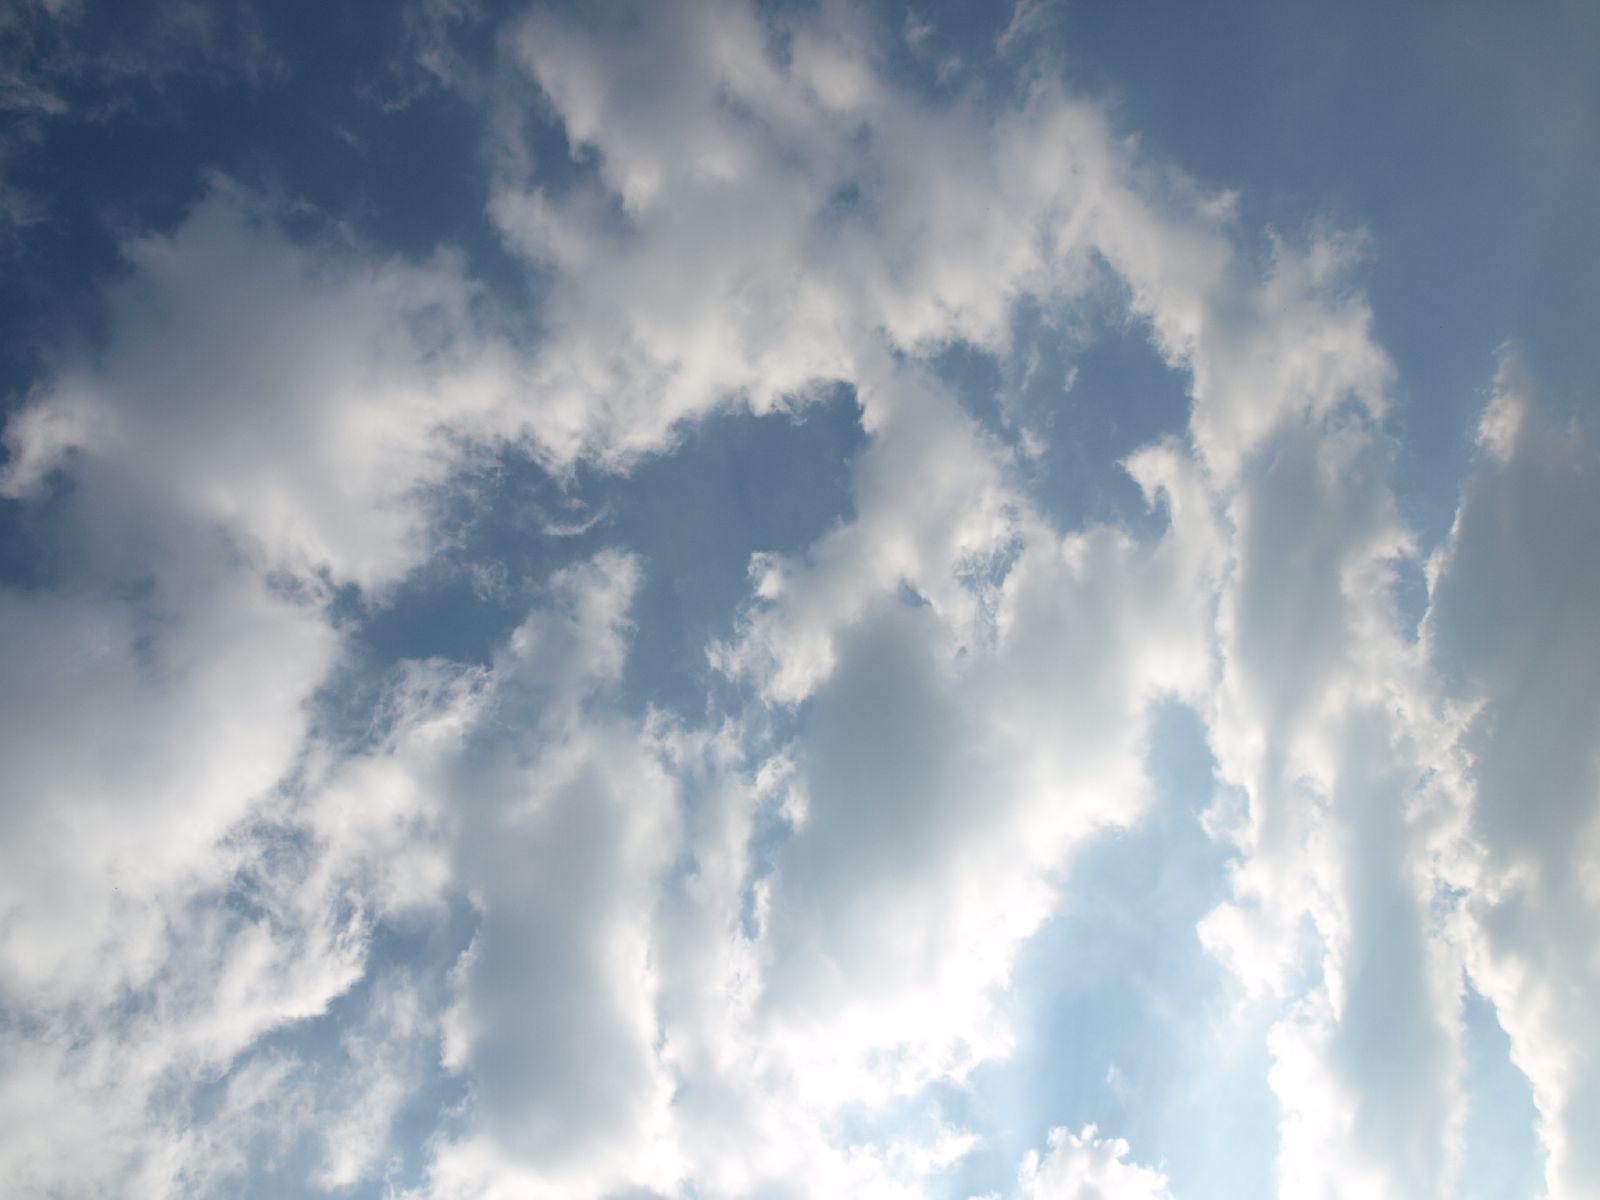 Himmel-Wolken-Foto_Textur_A_P9205300